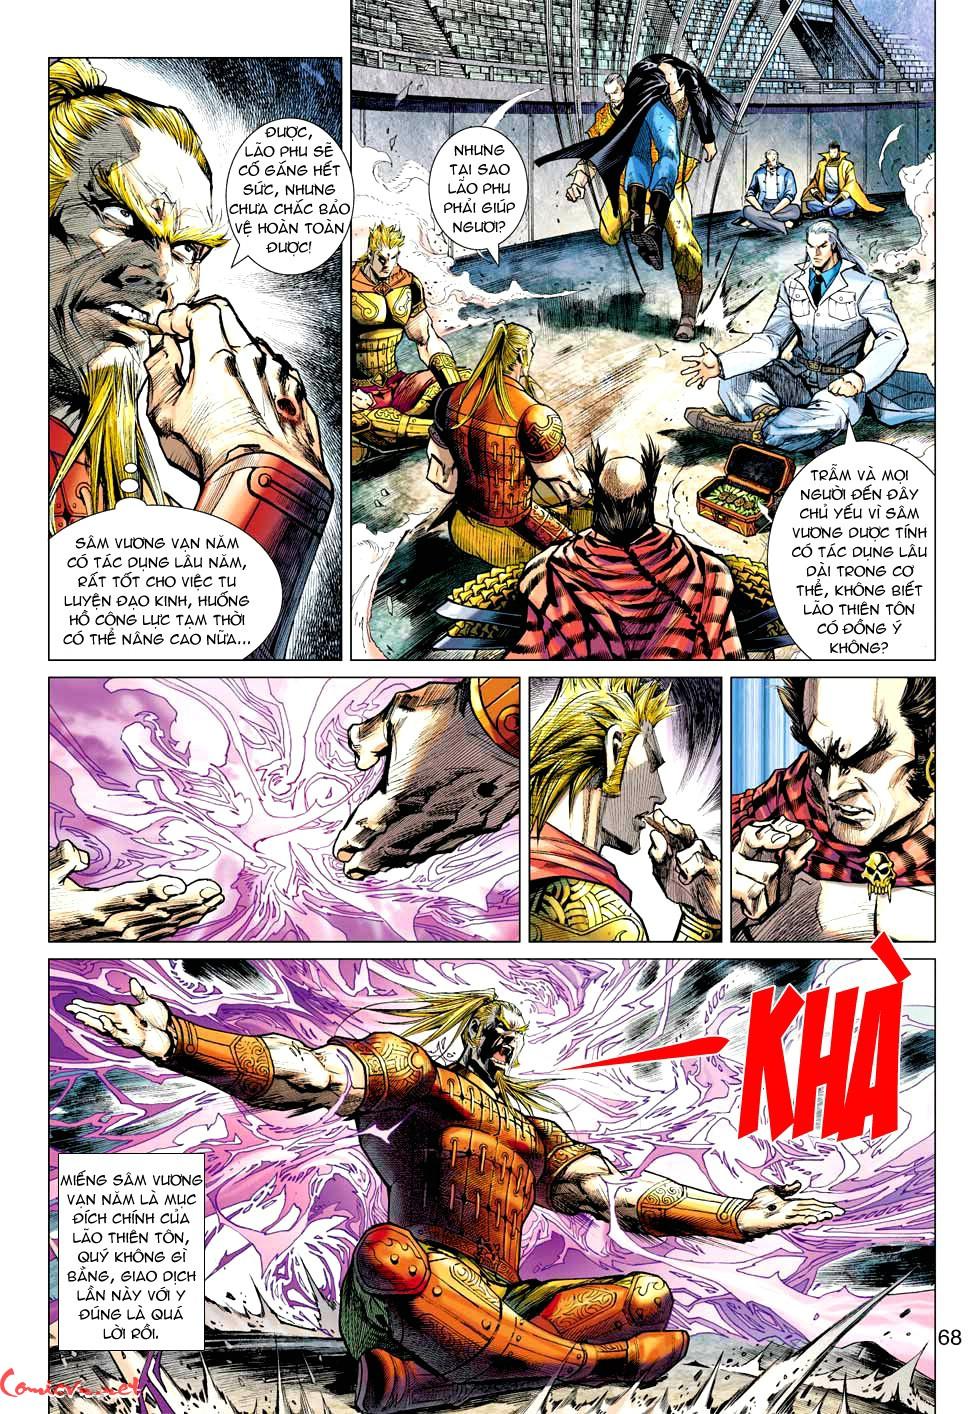 Vương Phong Lôi 1 chap 35 - Trang 25